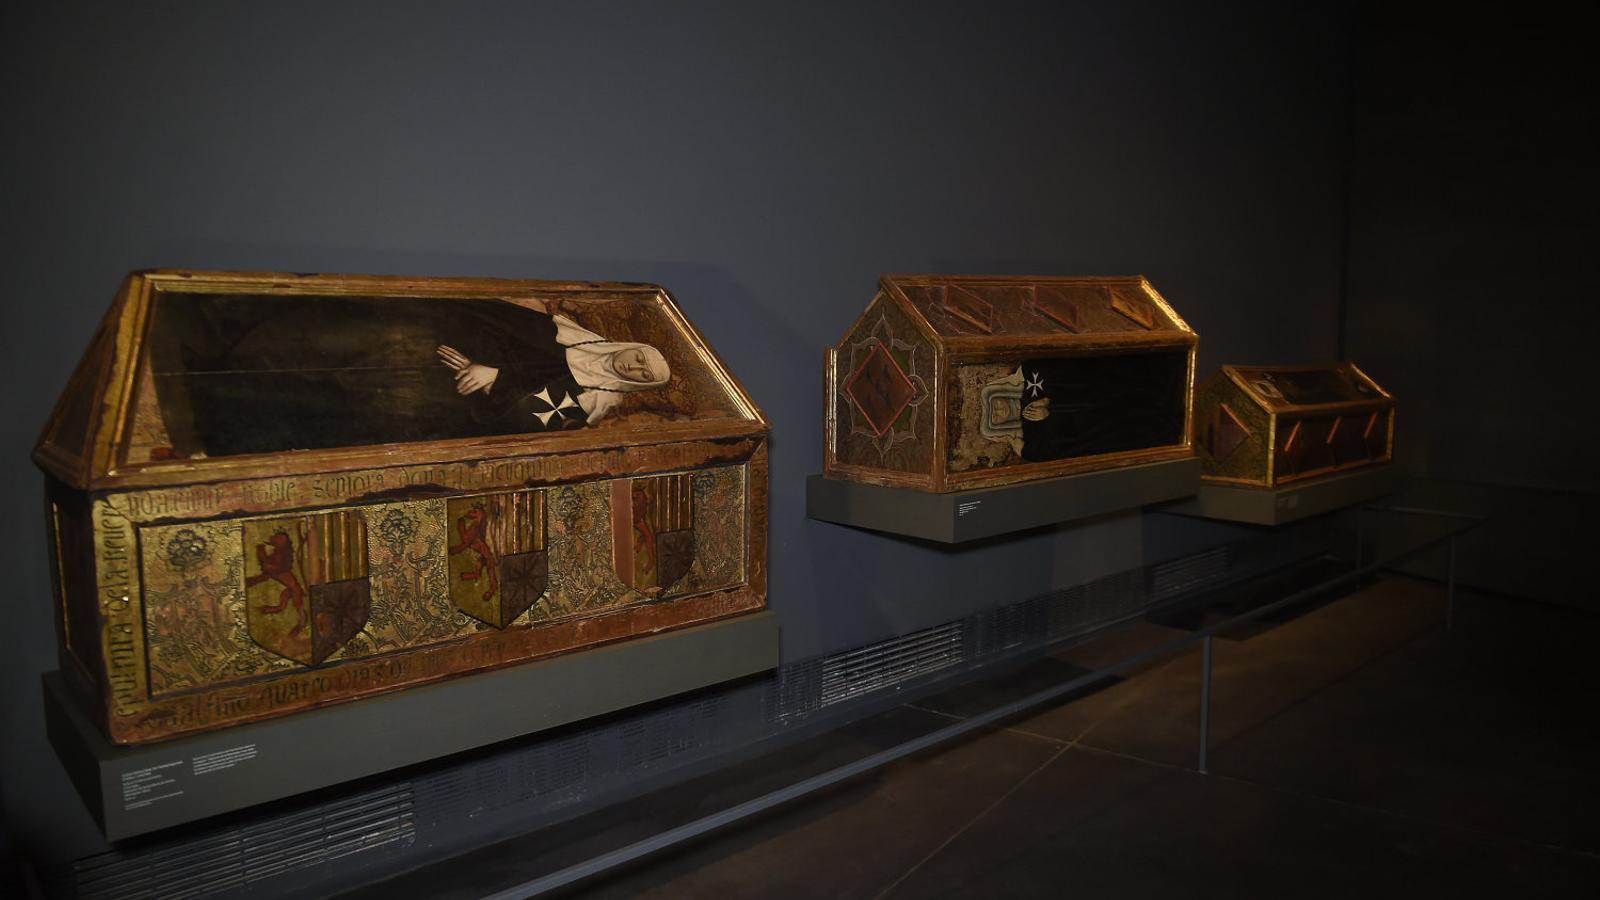 De les 44 obres del monestir de Sixena que conserva, el Museu de Lleida exposa tres caixes sepulcrals gòtiques i quatre fragments d'un retaule barroc d'alabastre.